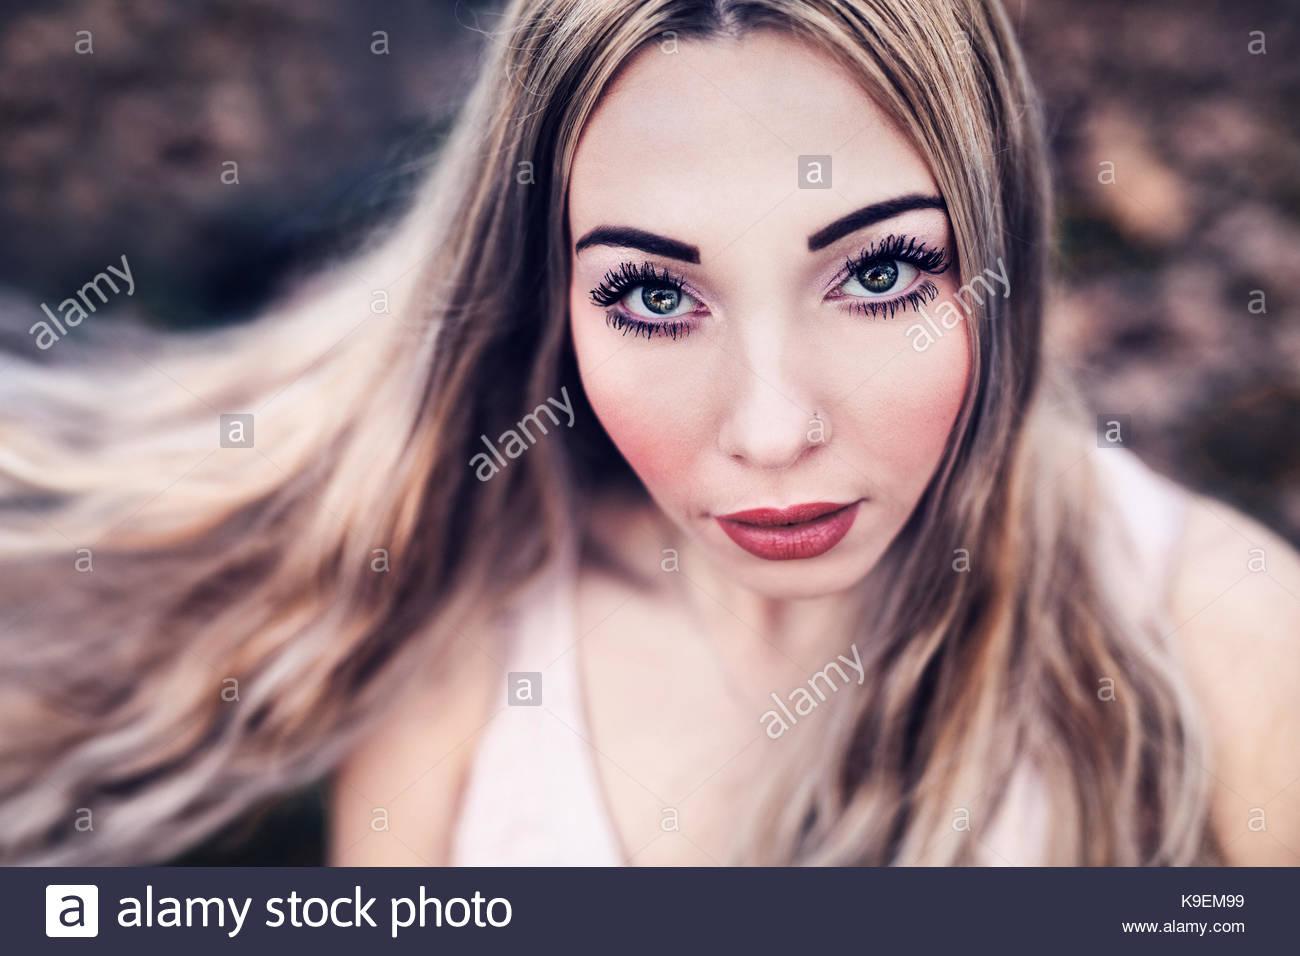 Modèle russe à regarder l'appareil photo. Yeux bleu-vert, cheveux blonds, lèvres rouge Photo Stock